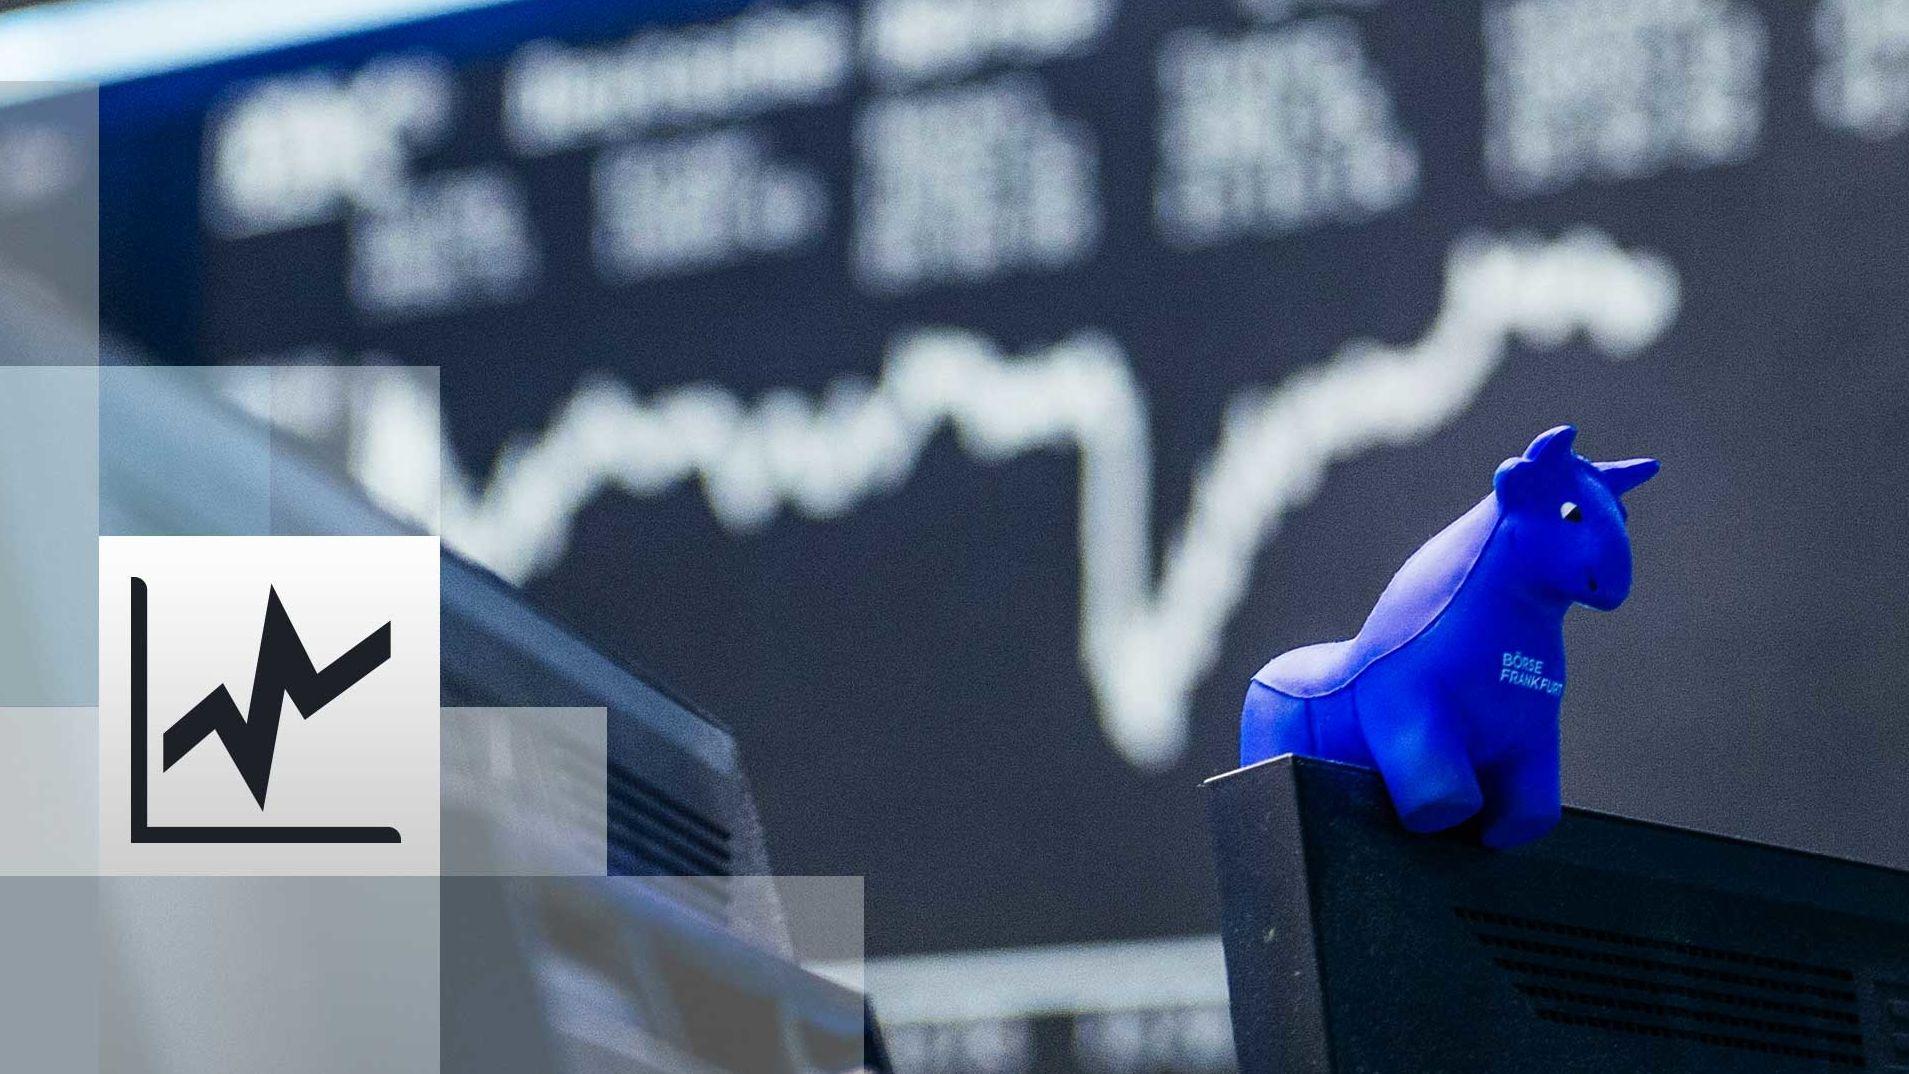 Börse: Gold auf Rekordhoch - DAX im Minus